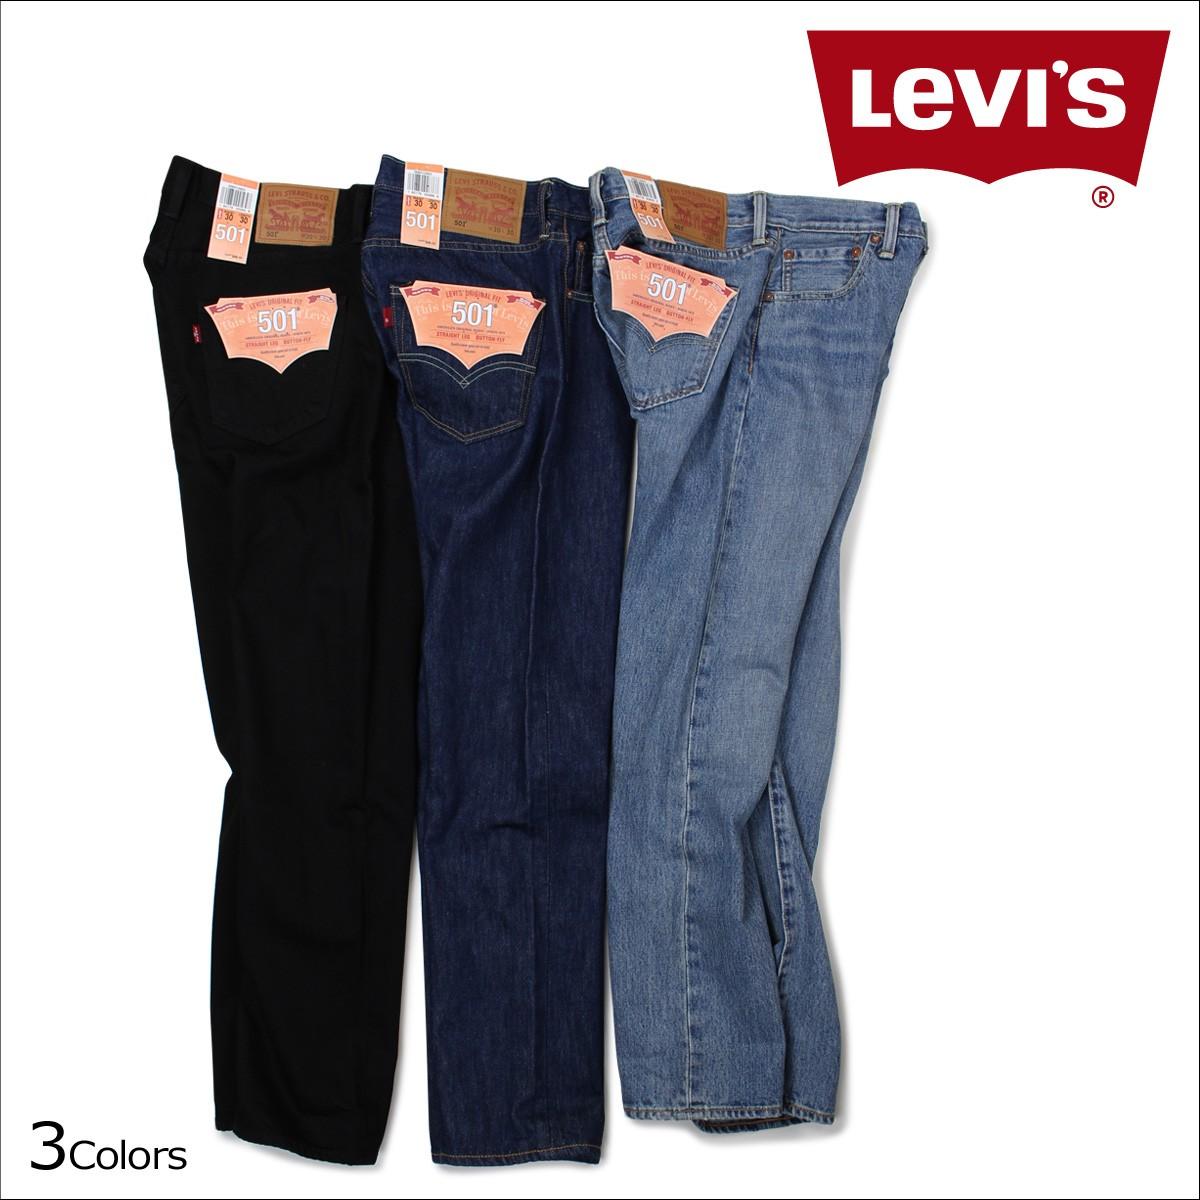 リーバイス 501 LEVI'S ストレート メンズ デニム パンツ ORIGINAL FIT ADVANCED CORE & GARMENT DYE